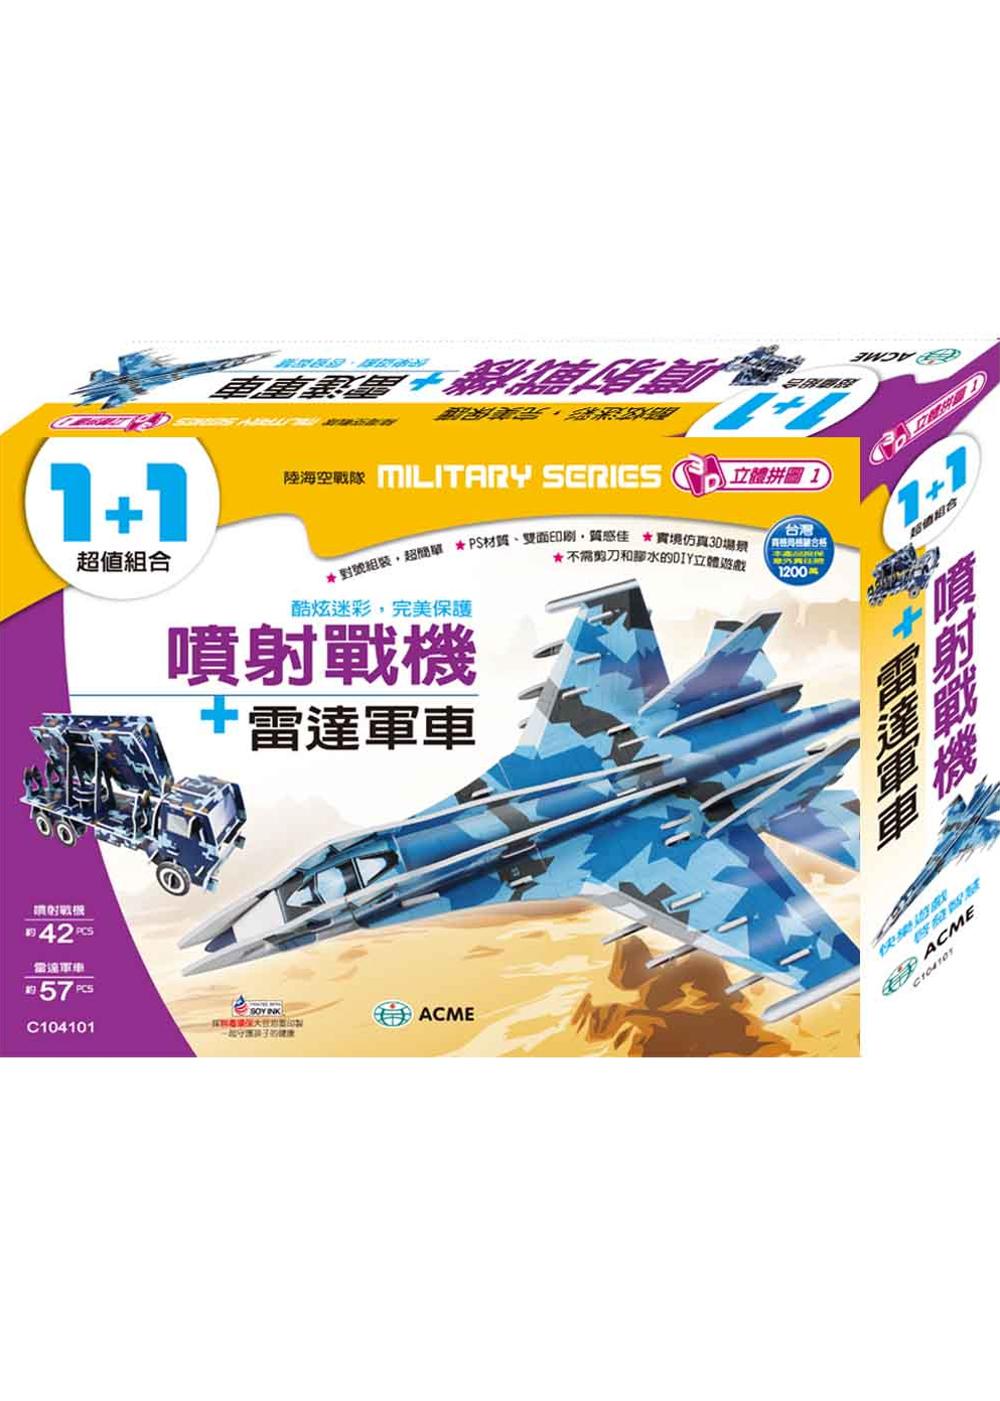 噴射戰機+雷達軍車